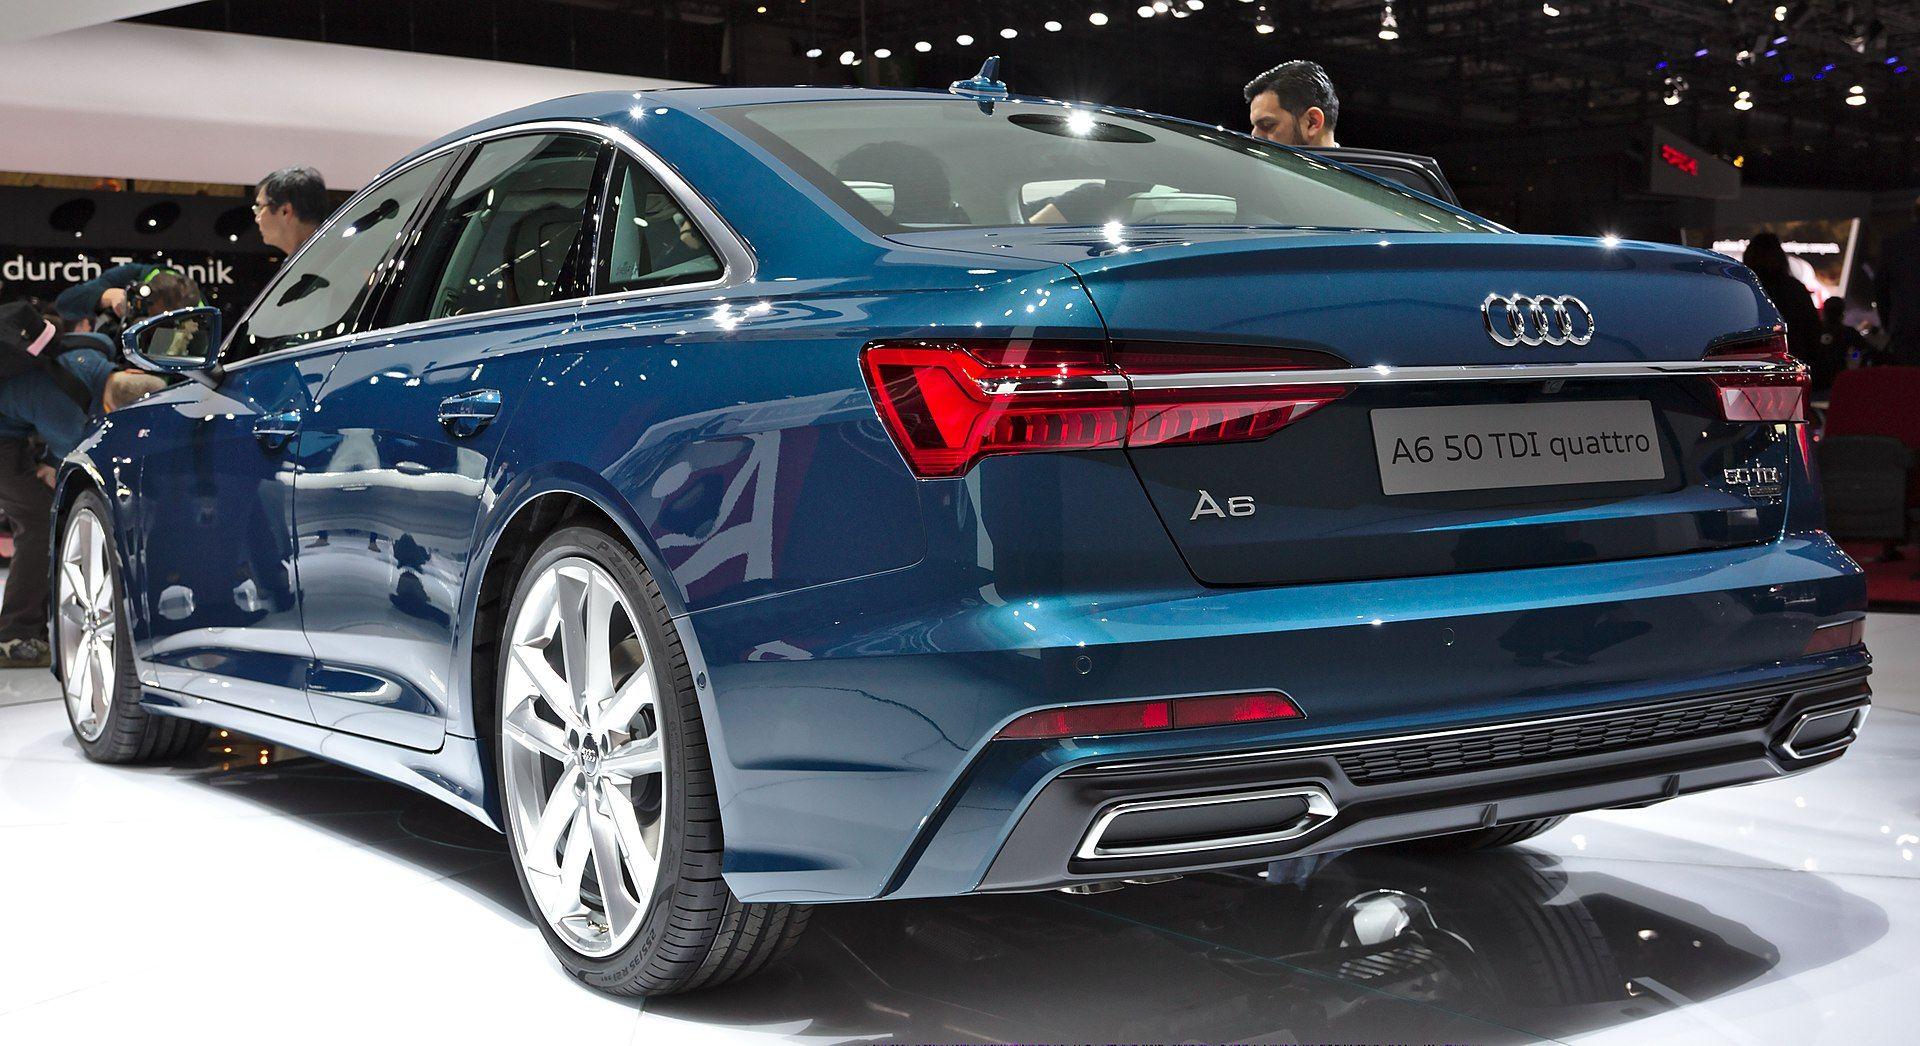 Audi A6 Back I Genf 2018 Audi A6 C8 Wikipedia Cars Audi A6